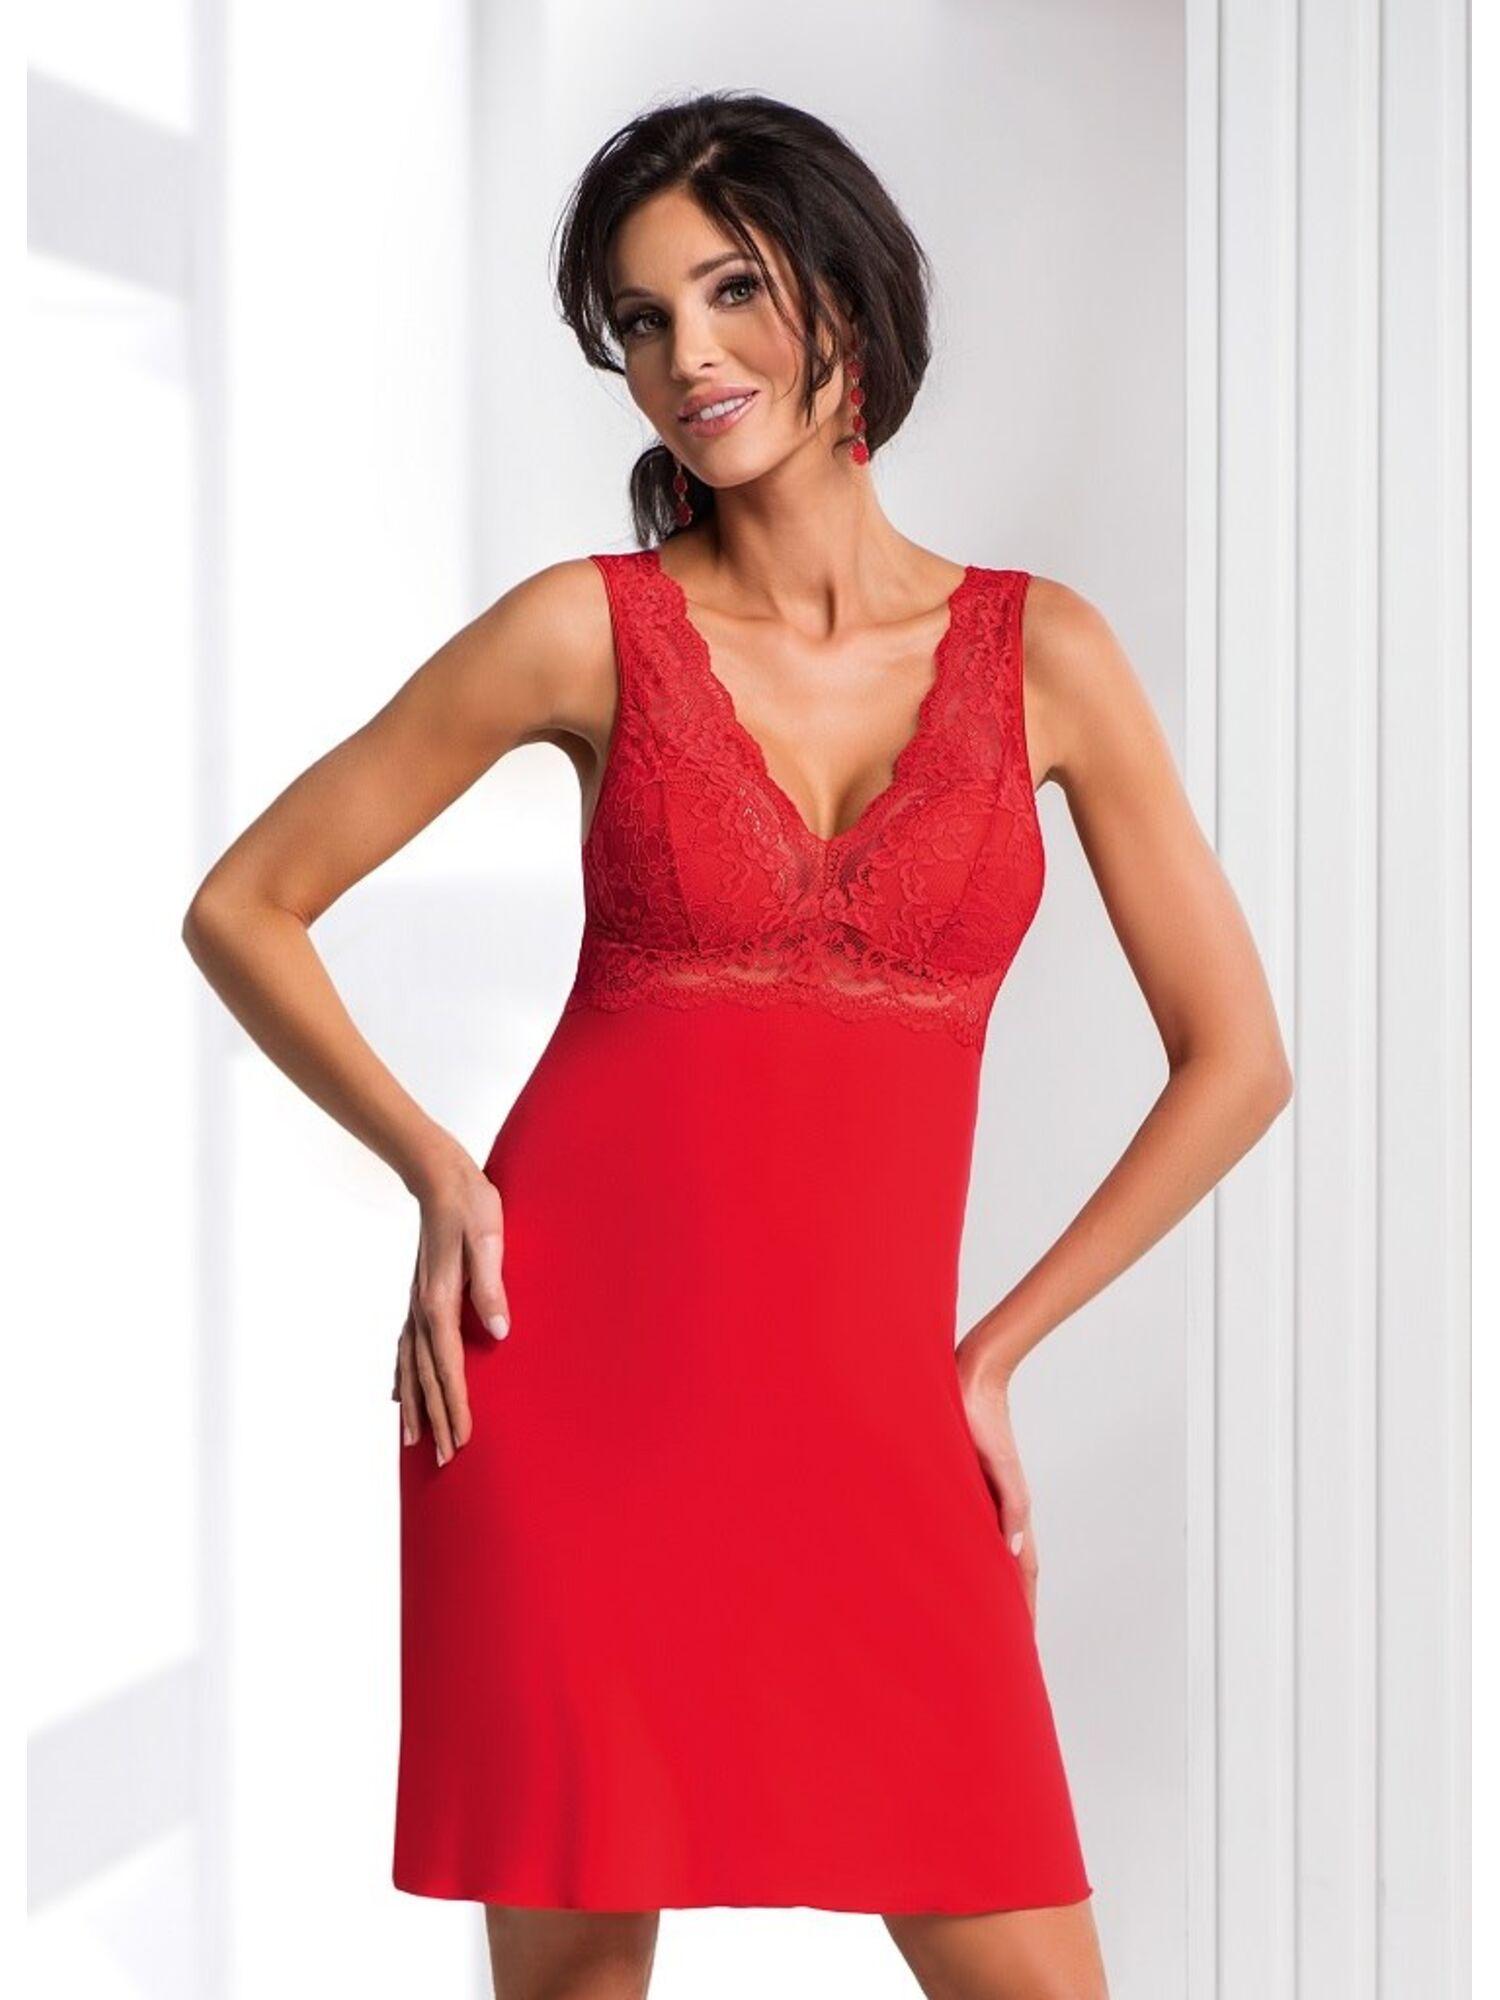 Сорочка женская из вискозы CHANTAL 19 красный, DONNA II